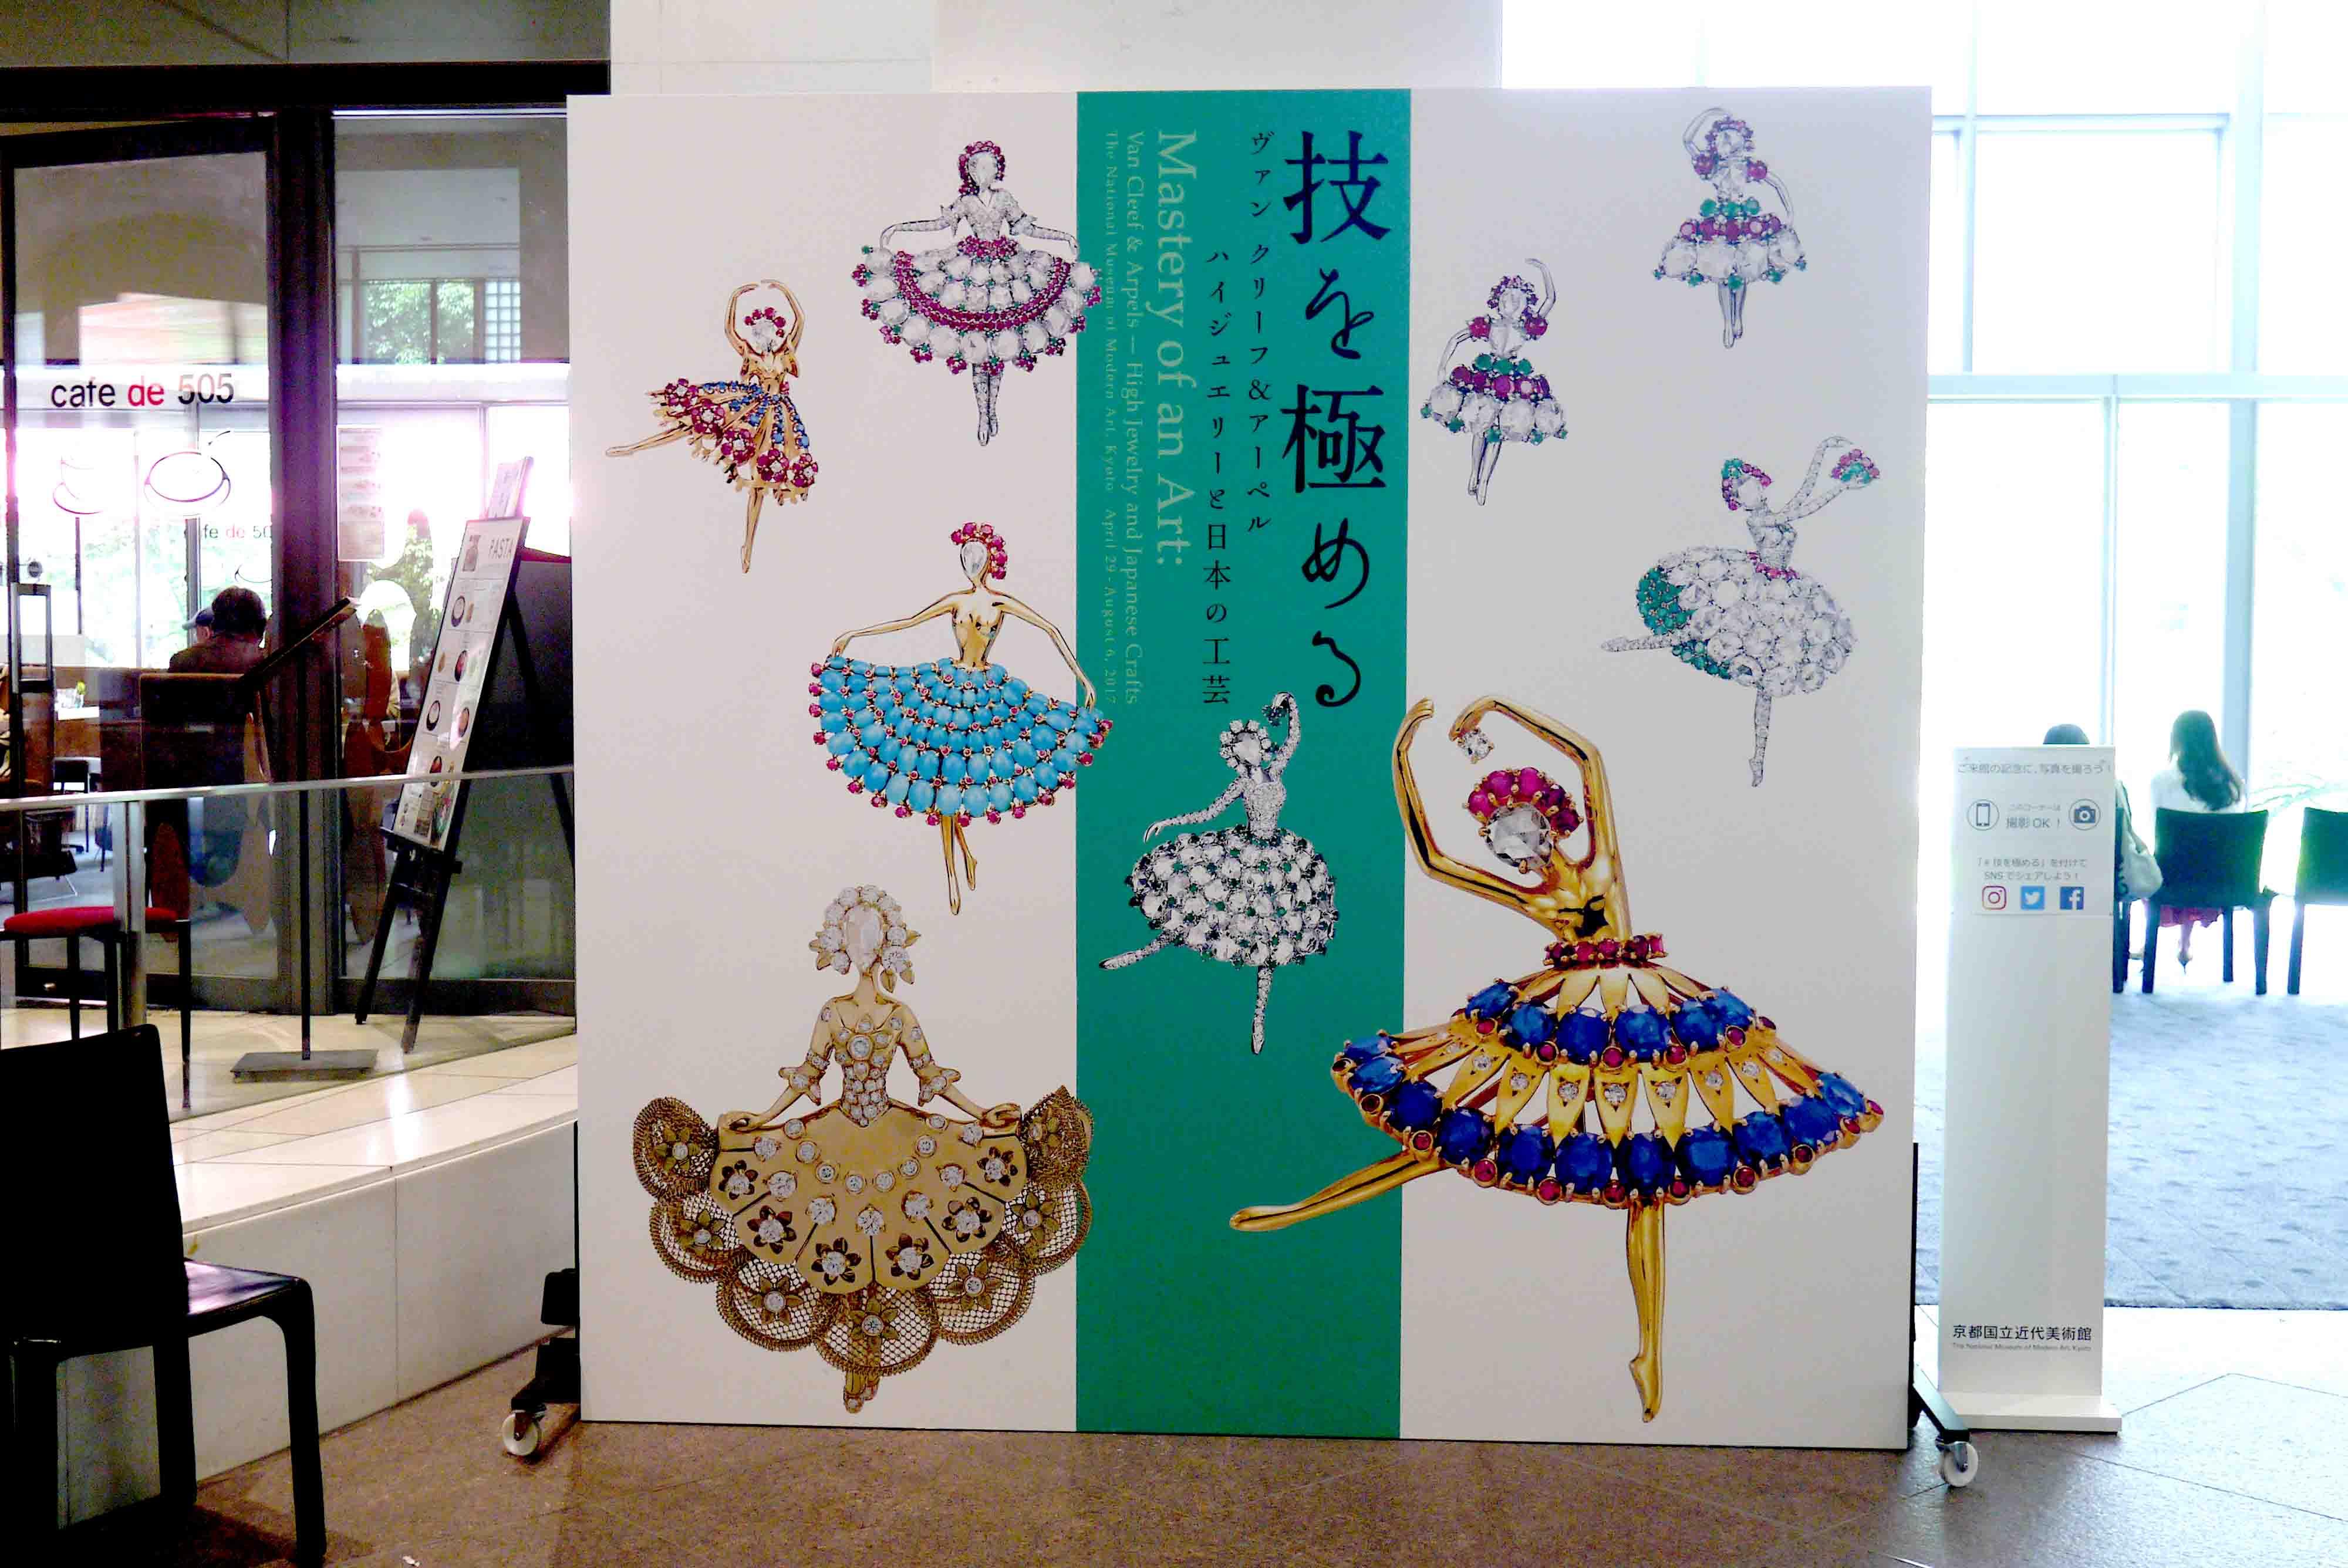 ヴァンクリーフ&アーペル 京都展示会